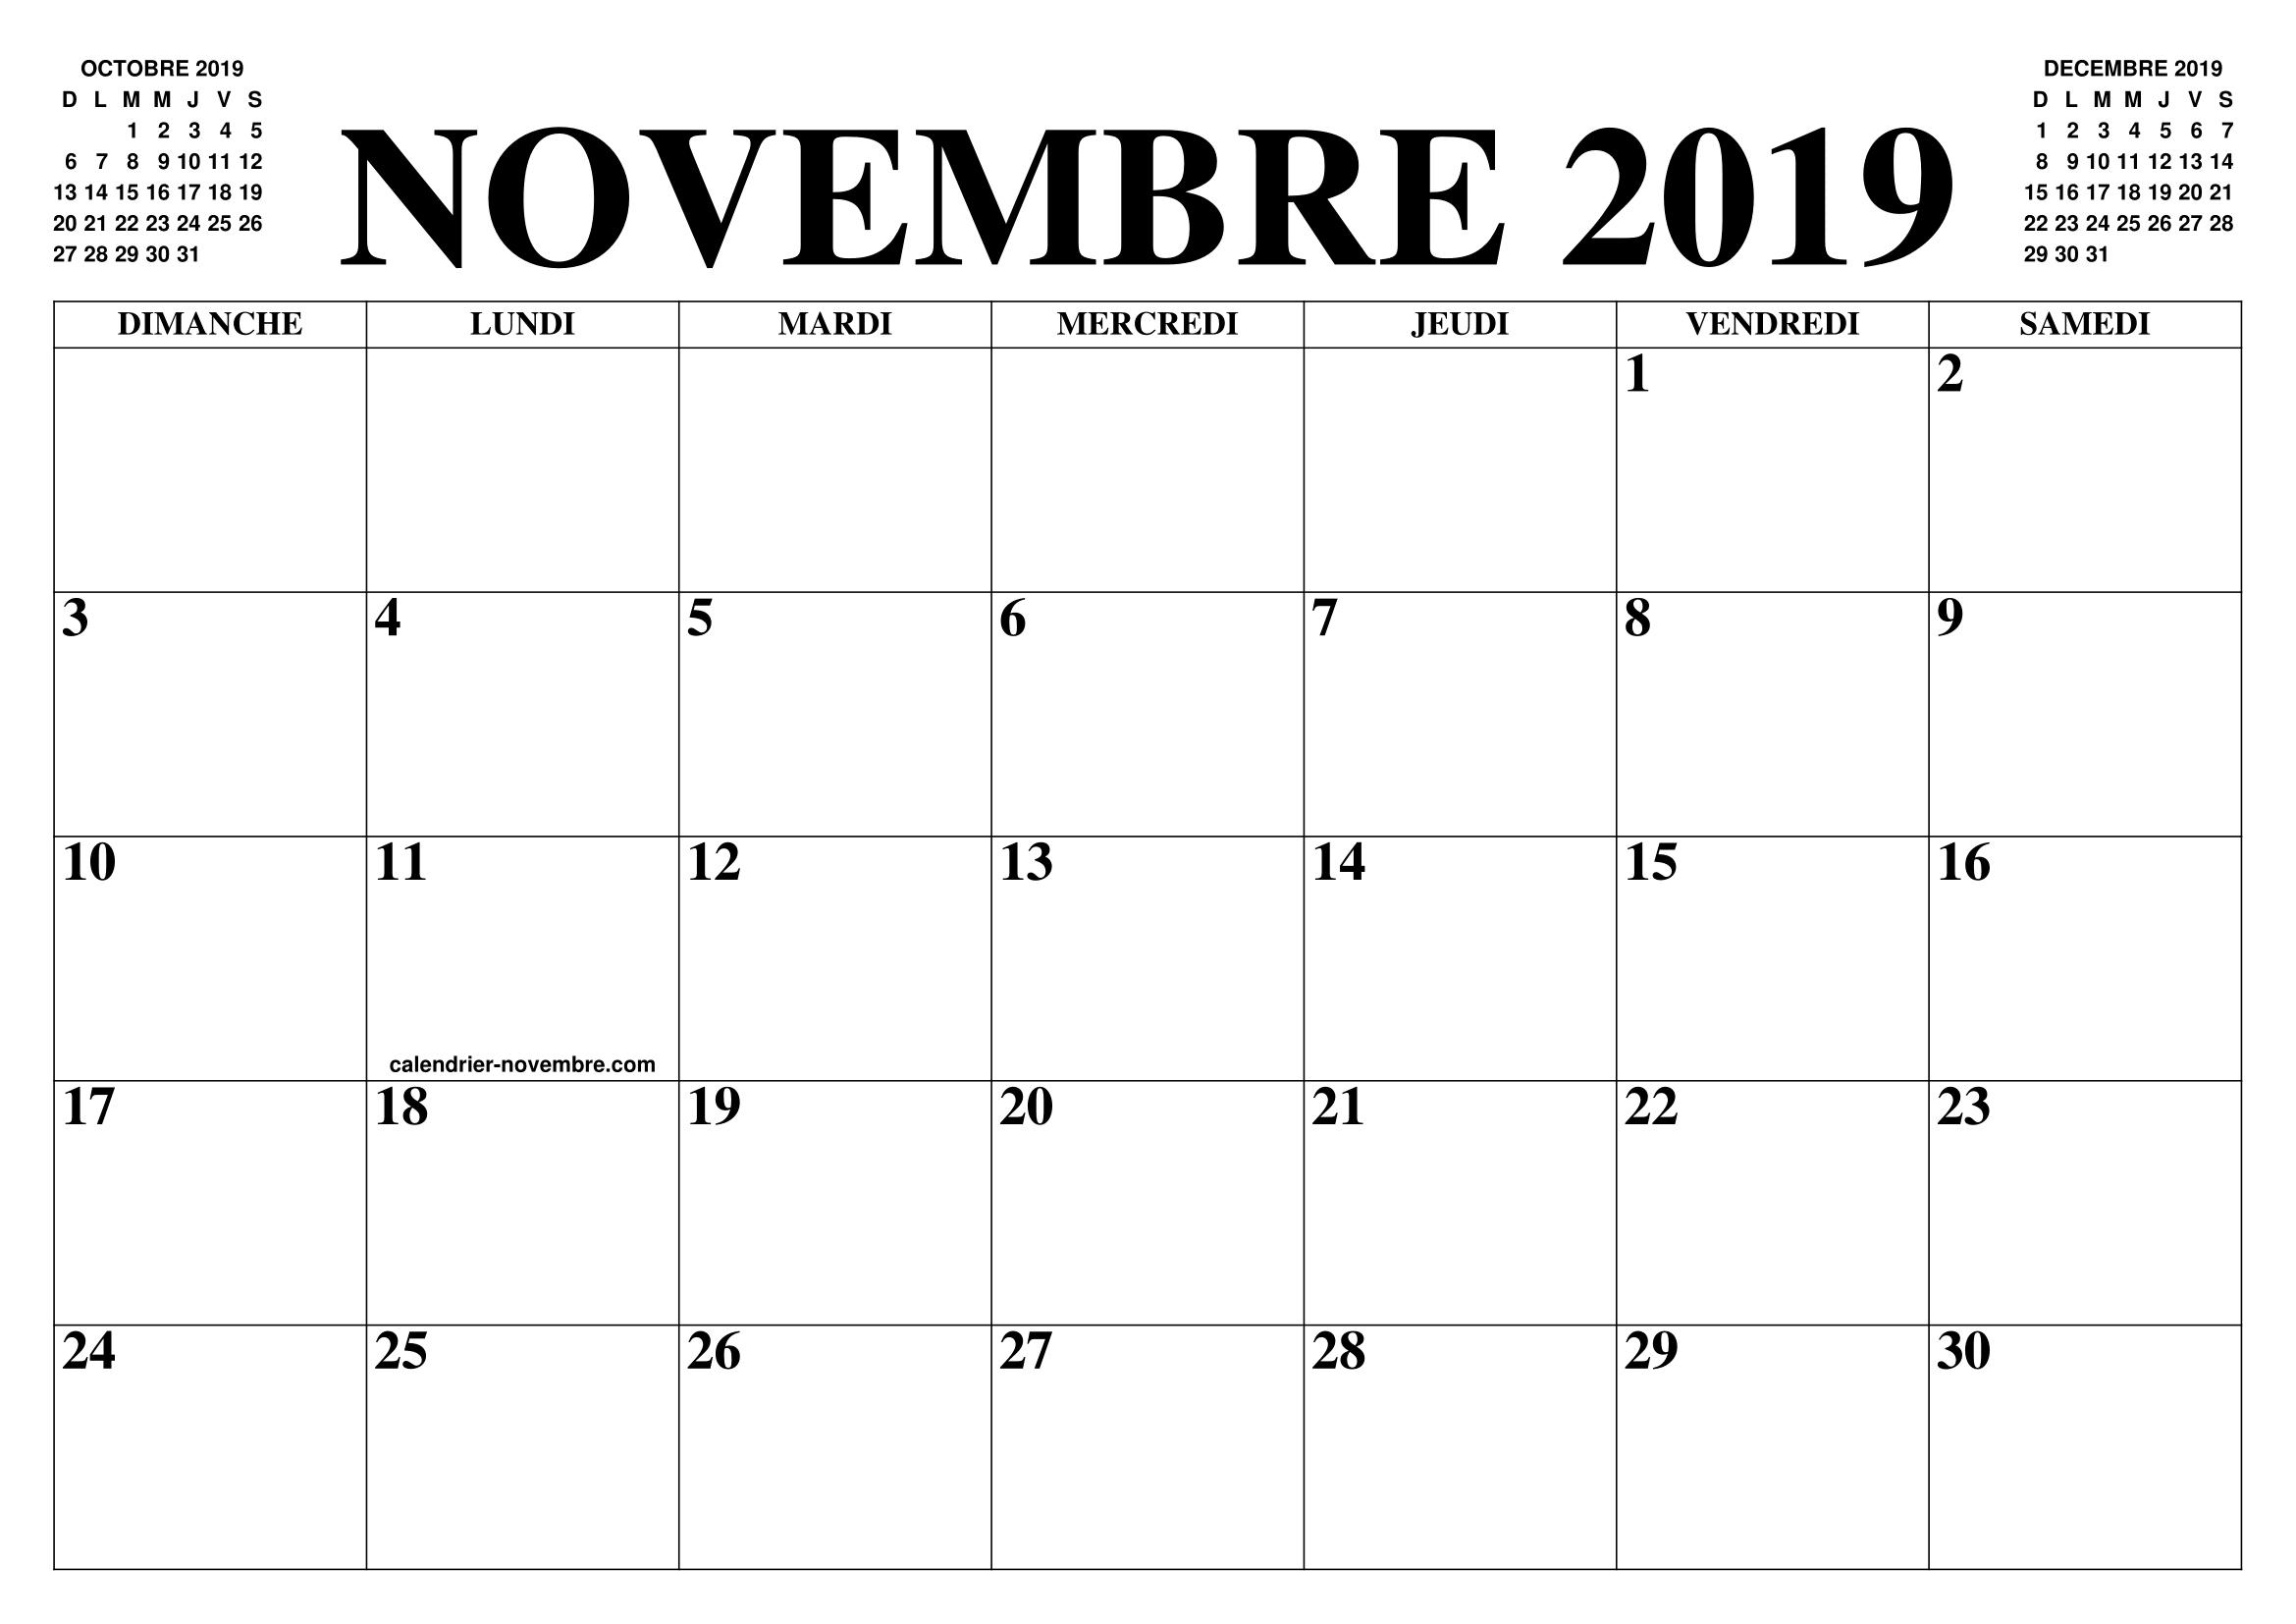 Calendrier Mois De Novembre 2019.Calendrier Novembre 2019 2020 Le Calendrier Du Mois De